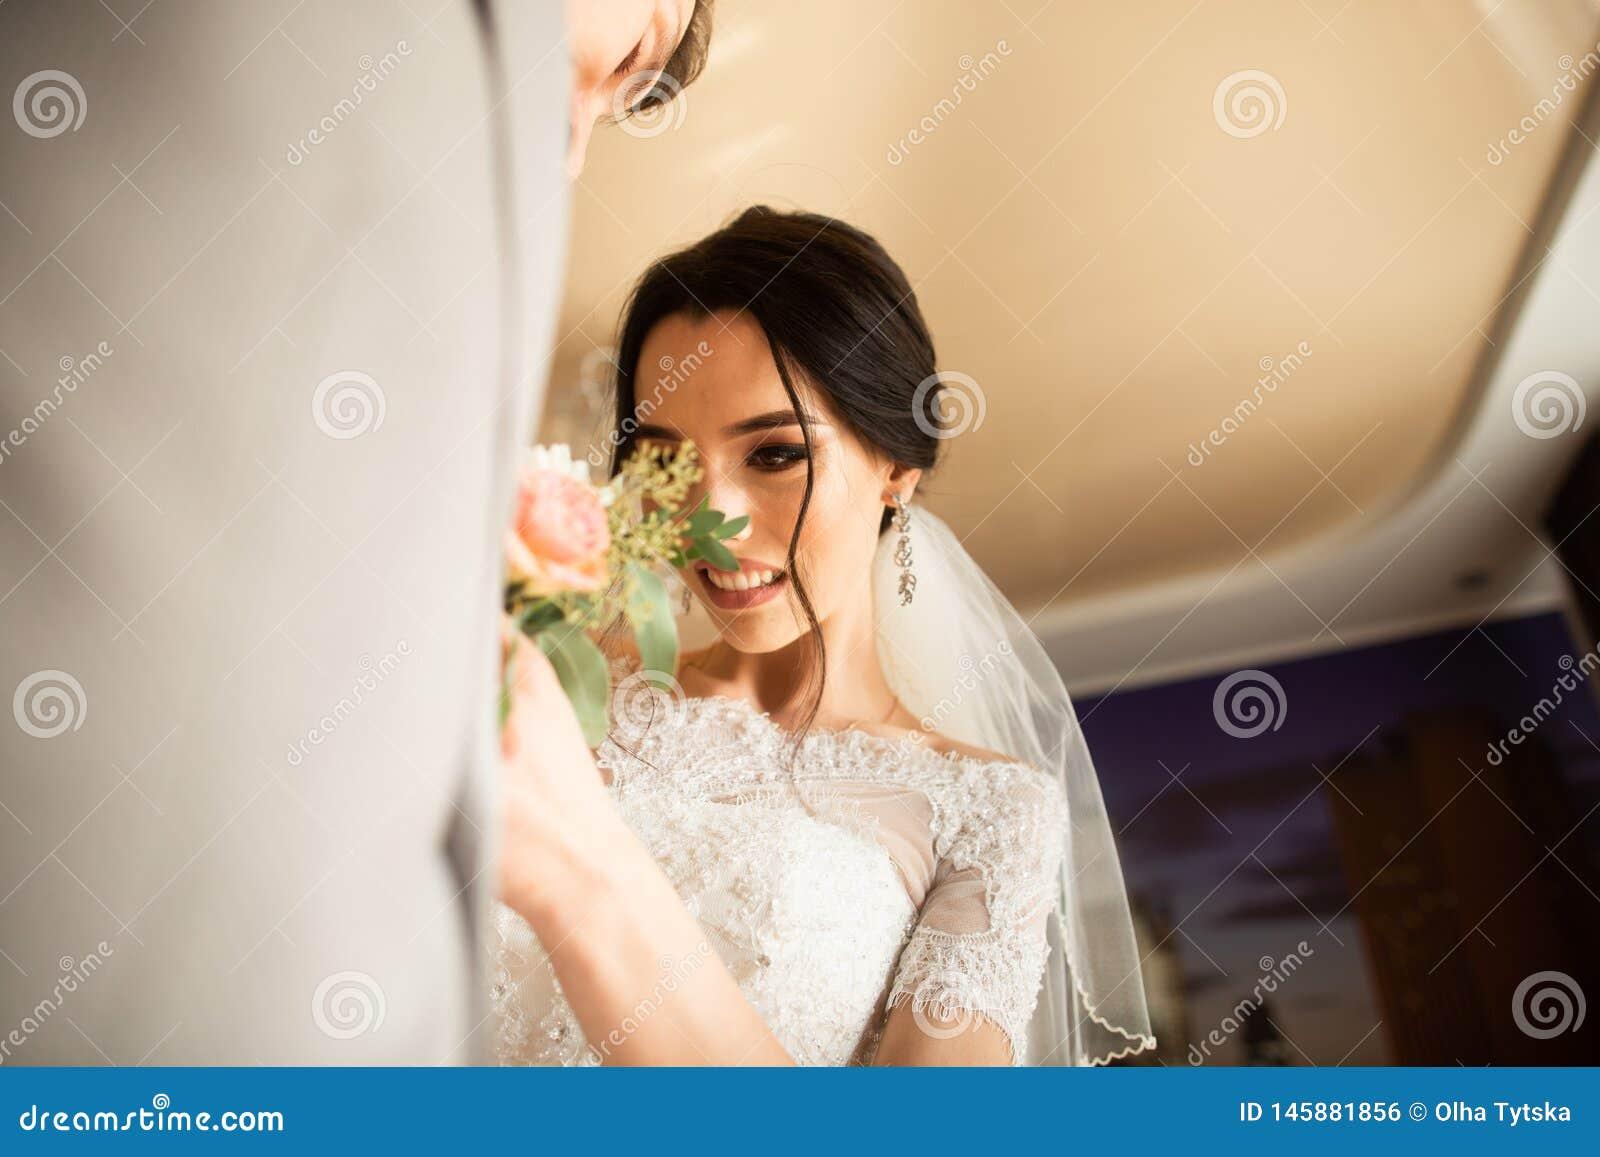 Traditionsgem?? ber?hrt die Braut im Haus einen kleinen Blumenstrau? f?r den Br?utigam Br?utigamblumenstrau? nahe bei der Hand au